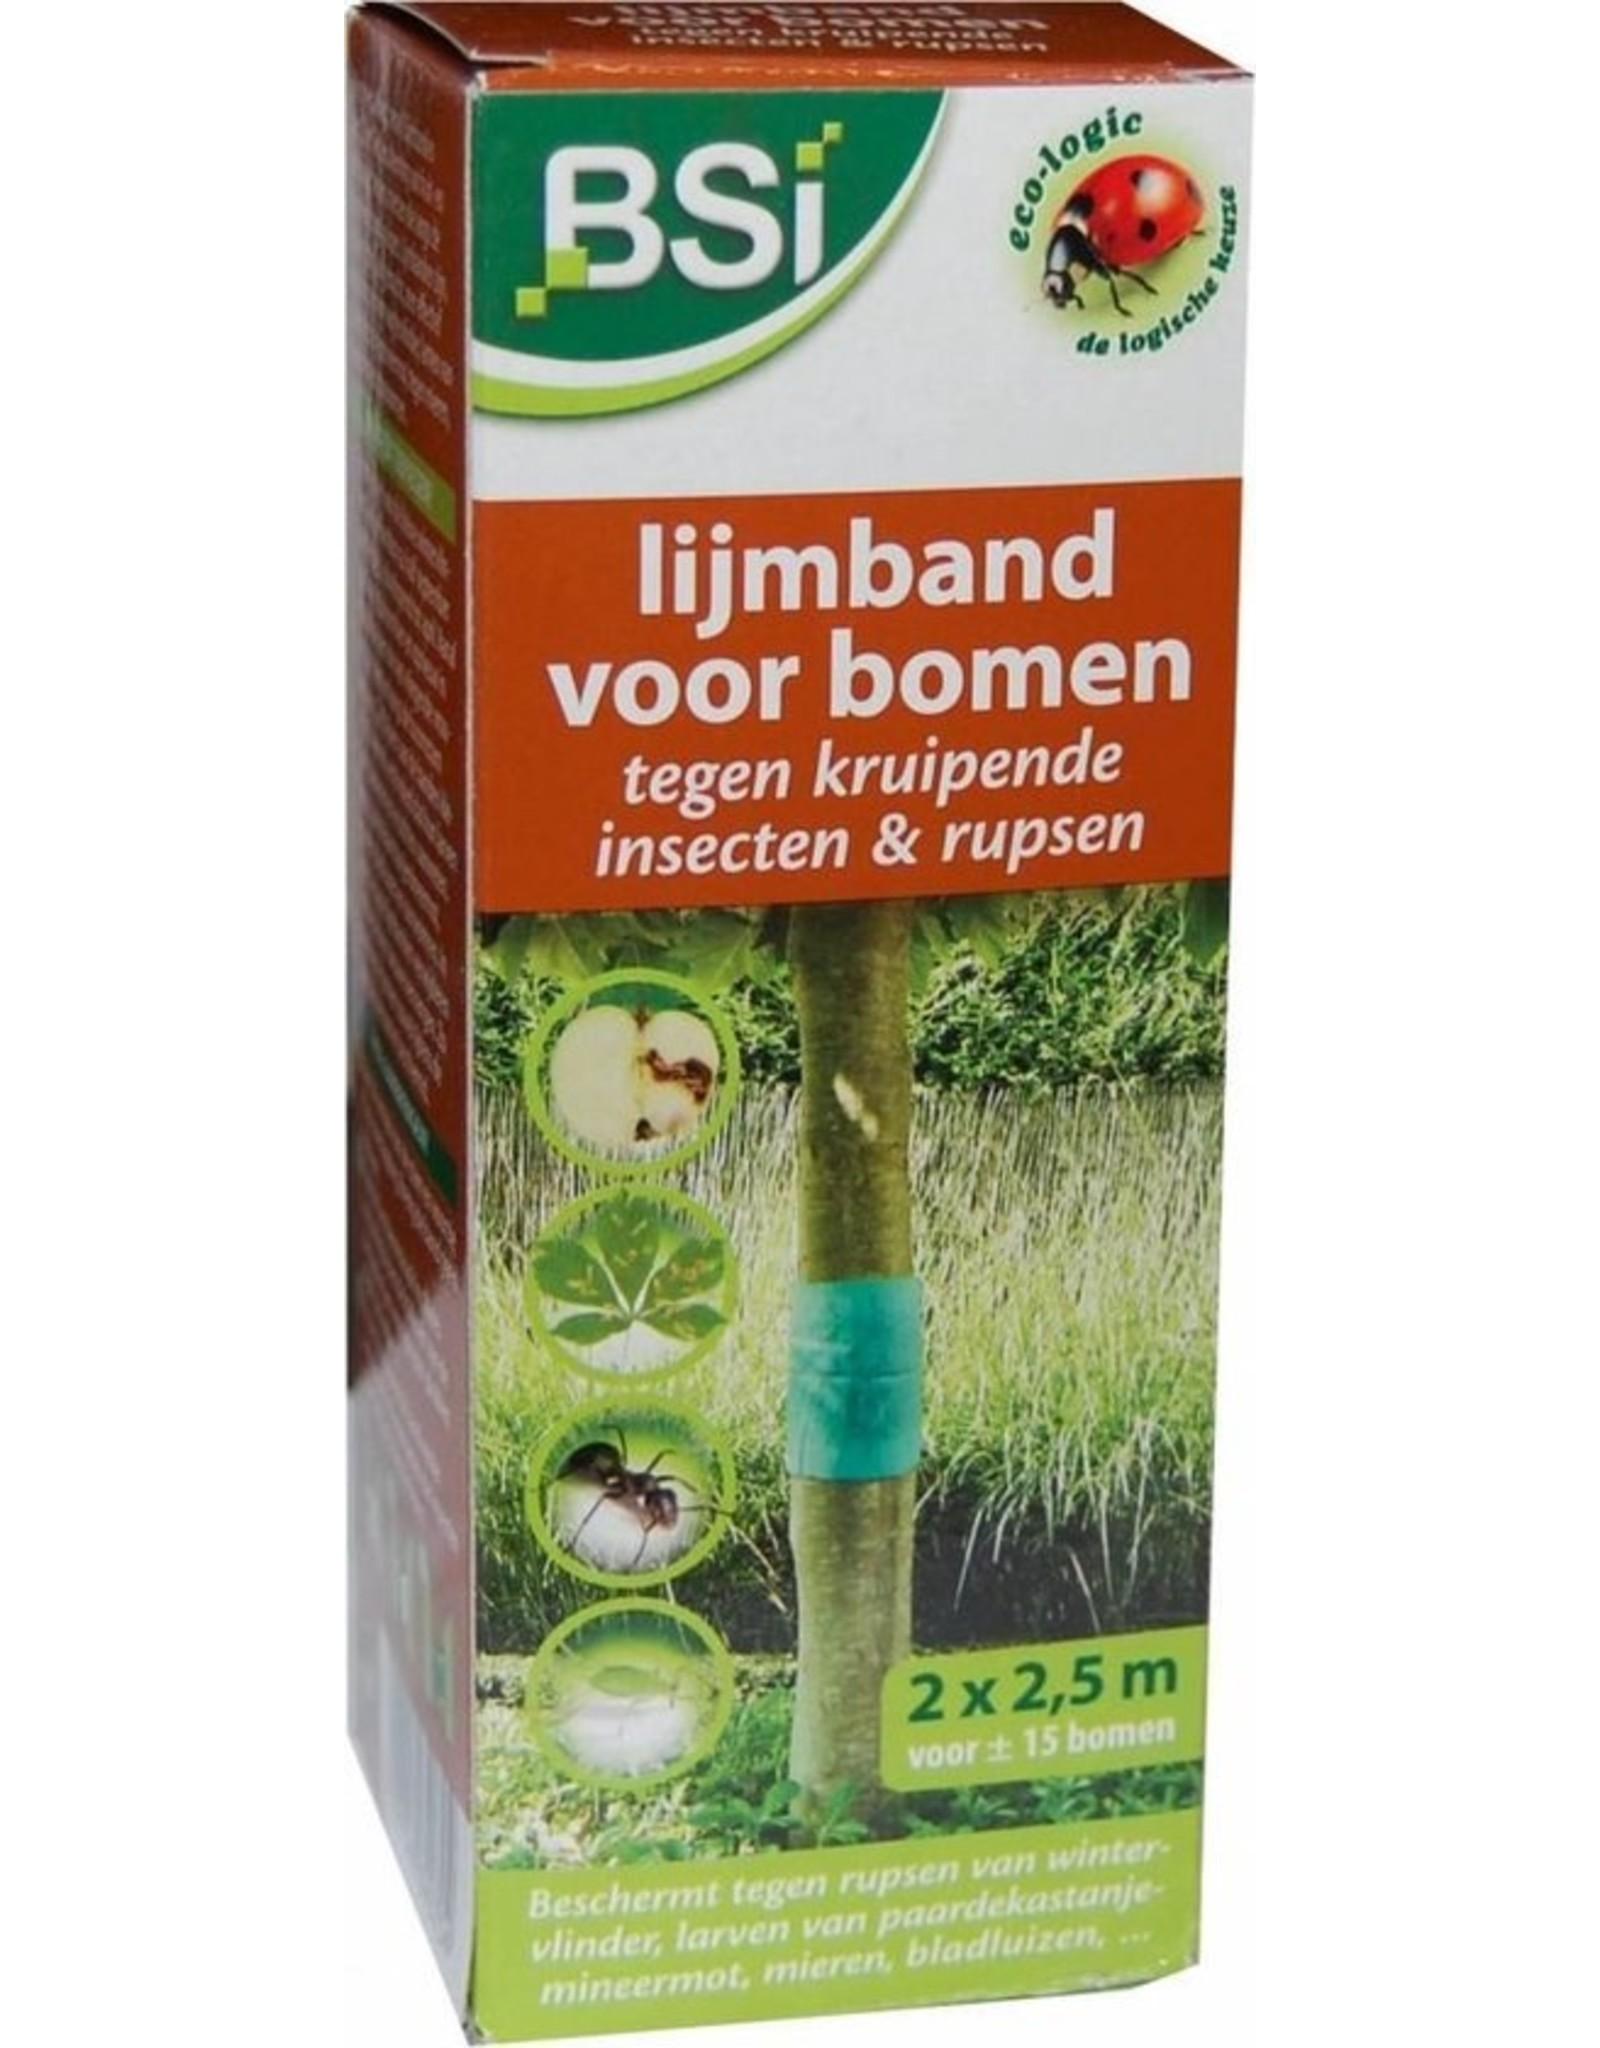 BSi Lijmband voor bomen 2 x 2,5 meter tegen kruipende insecten en rupsen